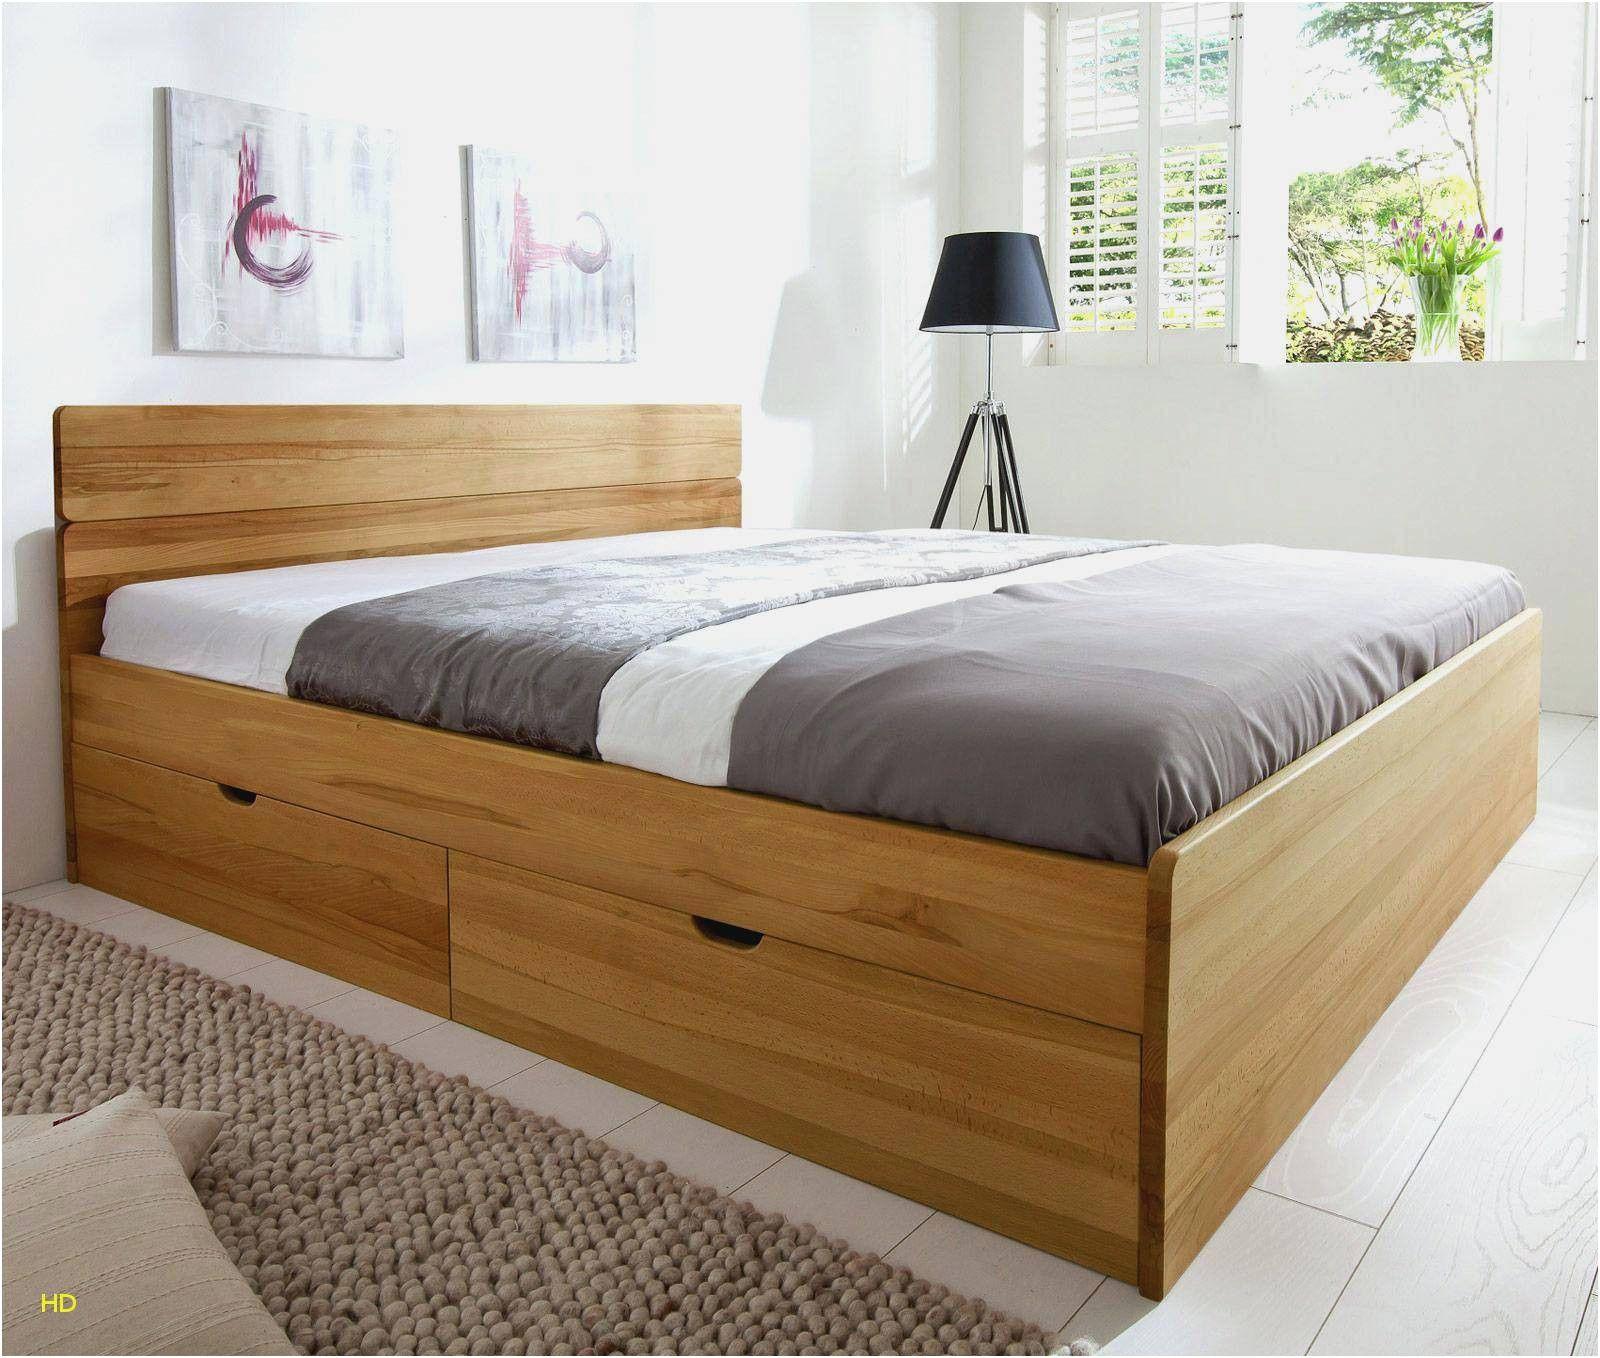 Bett 120 Breit Neu 13 Awesome Bett 120 200 Stauraum Idees De Design D Interieur Lit Avec Rangement Integre Amenagement Salon